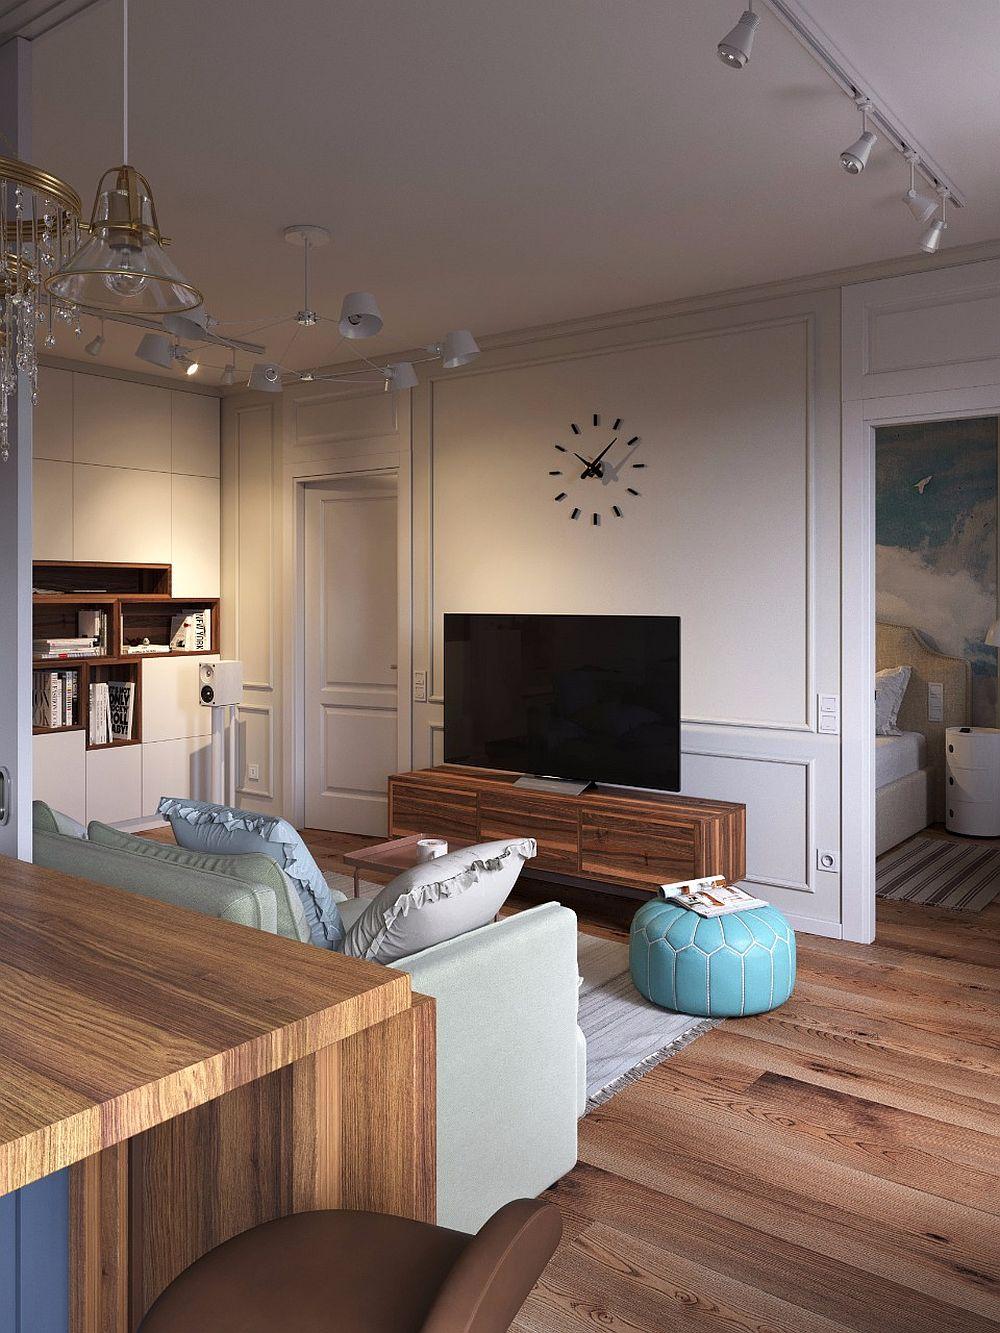 Dinspre bucătărie se pot observa cele două uși de acces către dormitor. Între ele este poziționat televizorul. Organizarea simetrică ordonează spațiul.